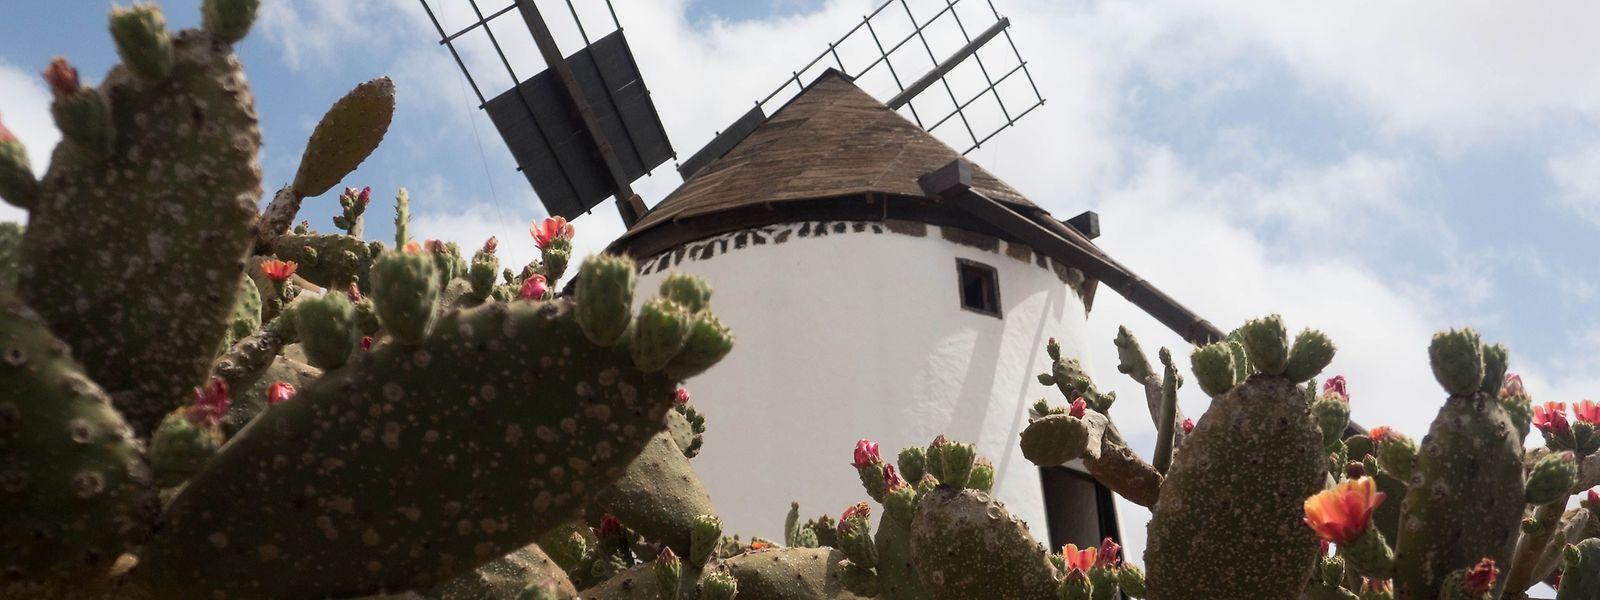 Für Ziegenkäseliebhaber und die, die es werden wollen: das Museo del Queso Majorero samt Mühle in Antigua, Fuerteventura.